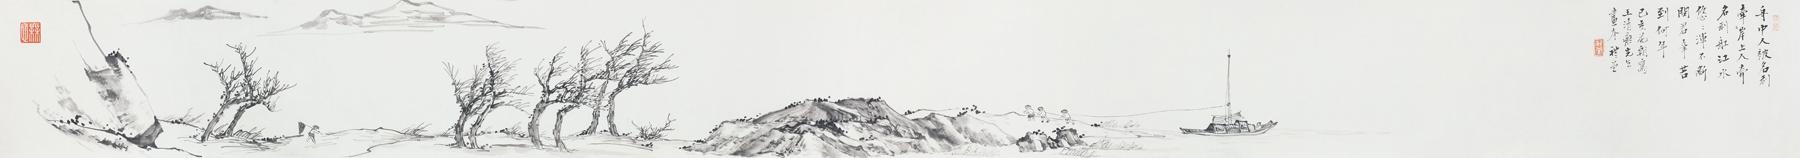 春江上水船15cm x 182cm.jpg